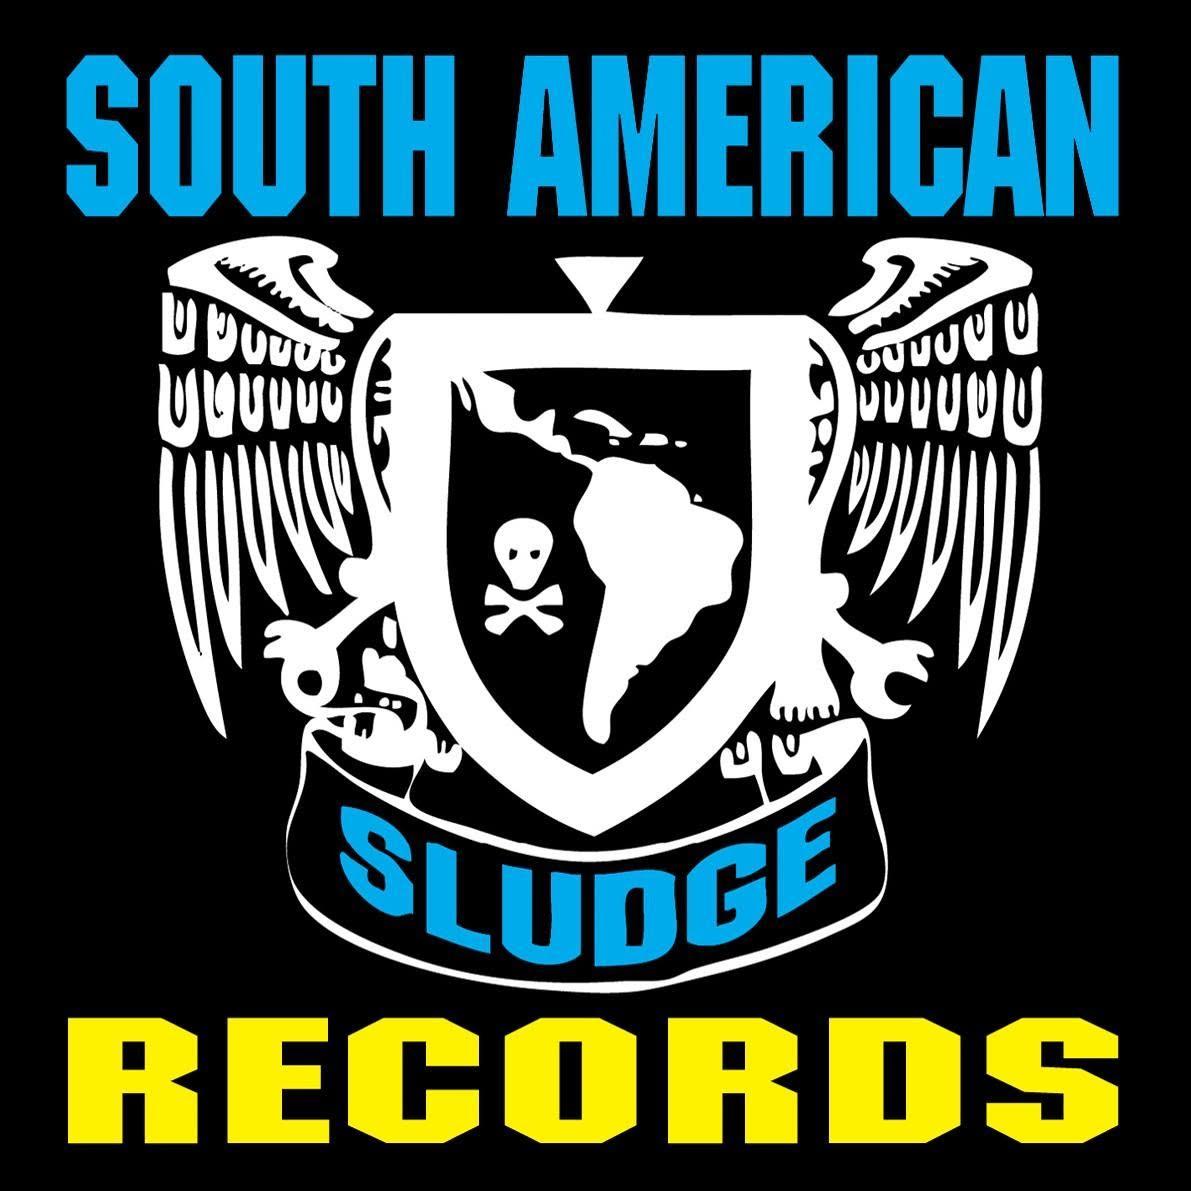 South American Sludge Records